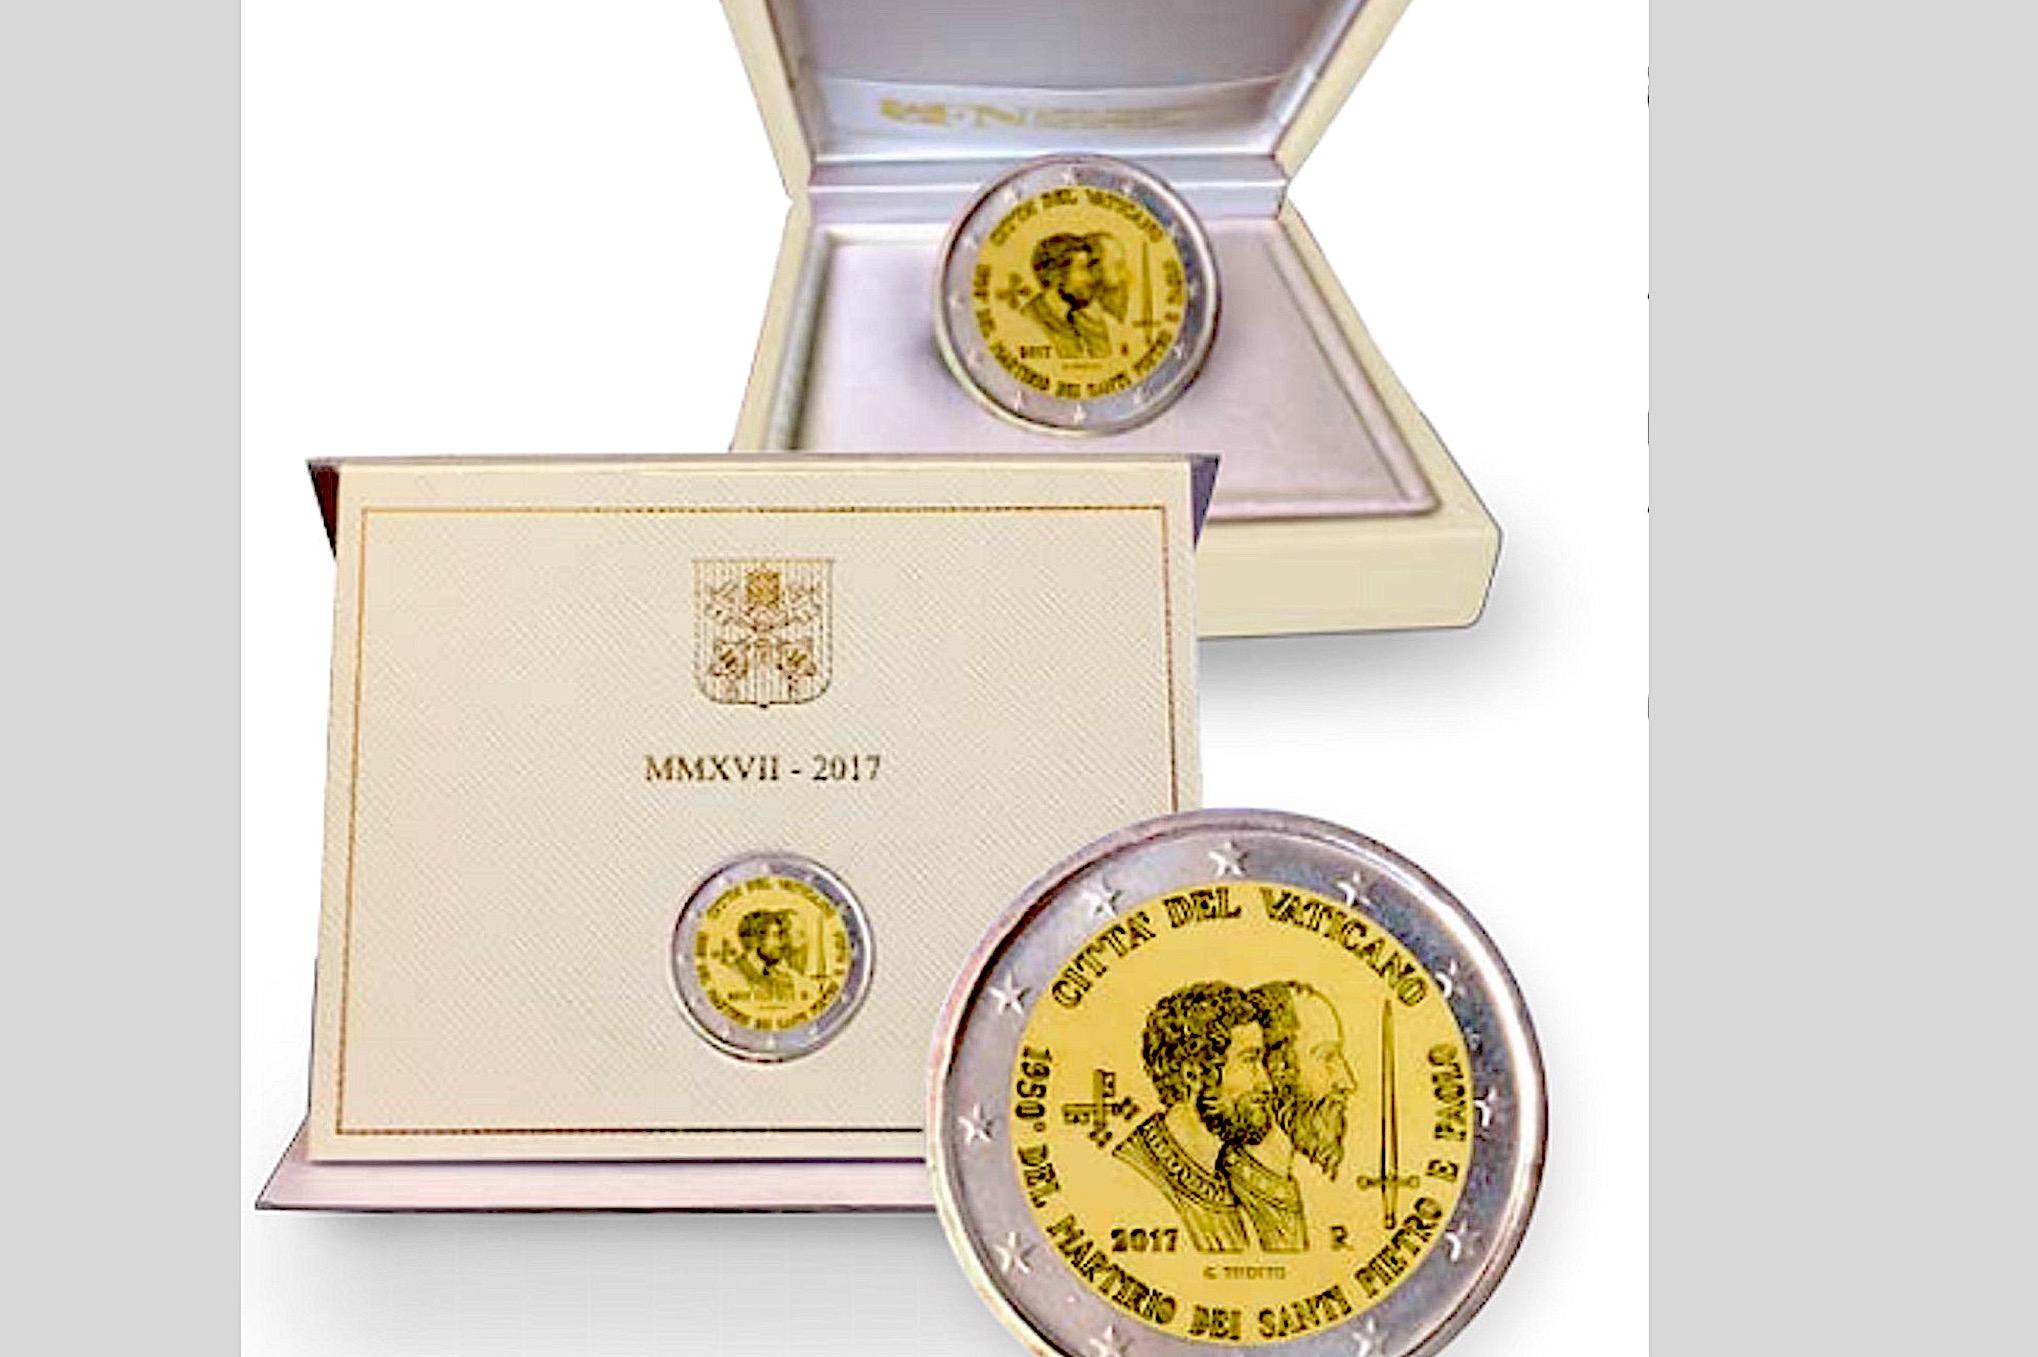 La nueva moneda de dos euros